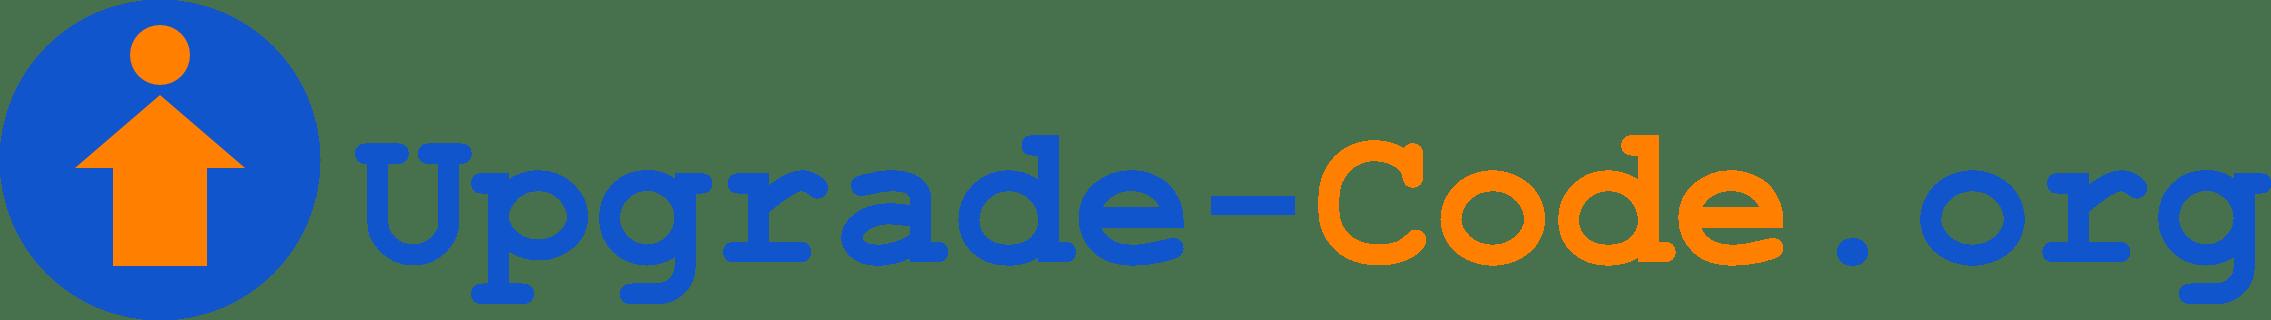 logo_full_90dpi